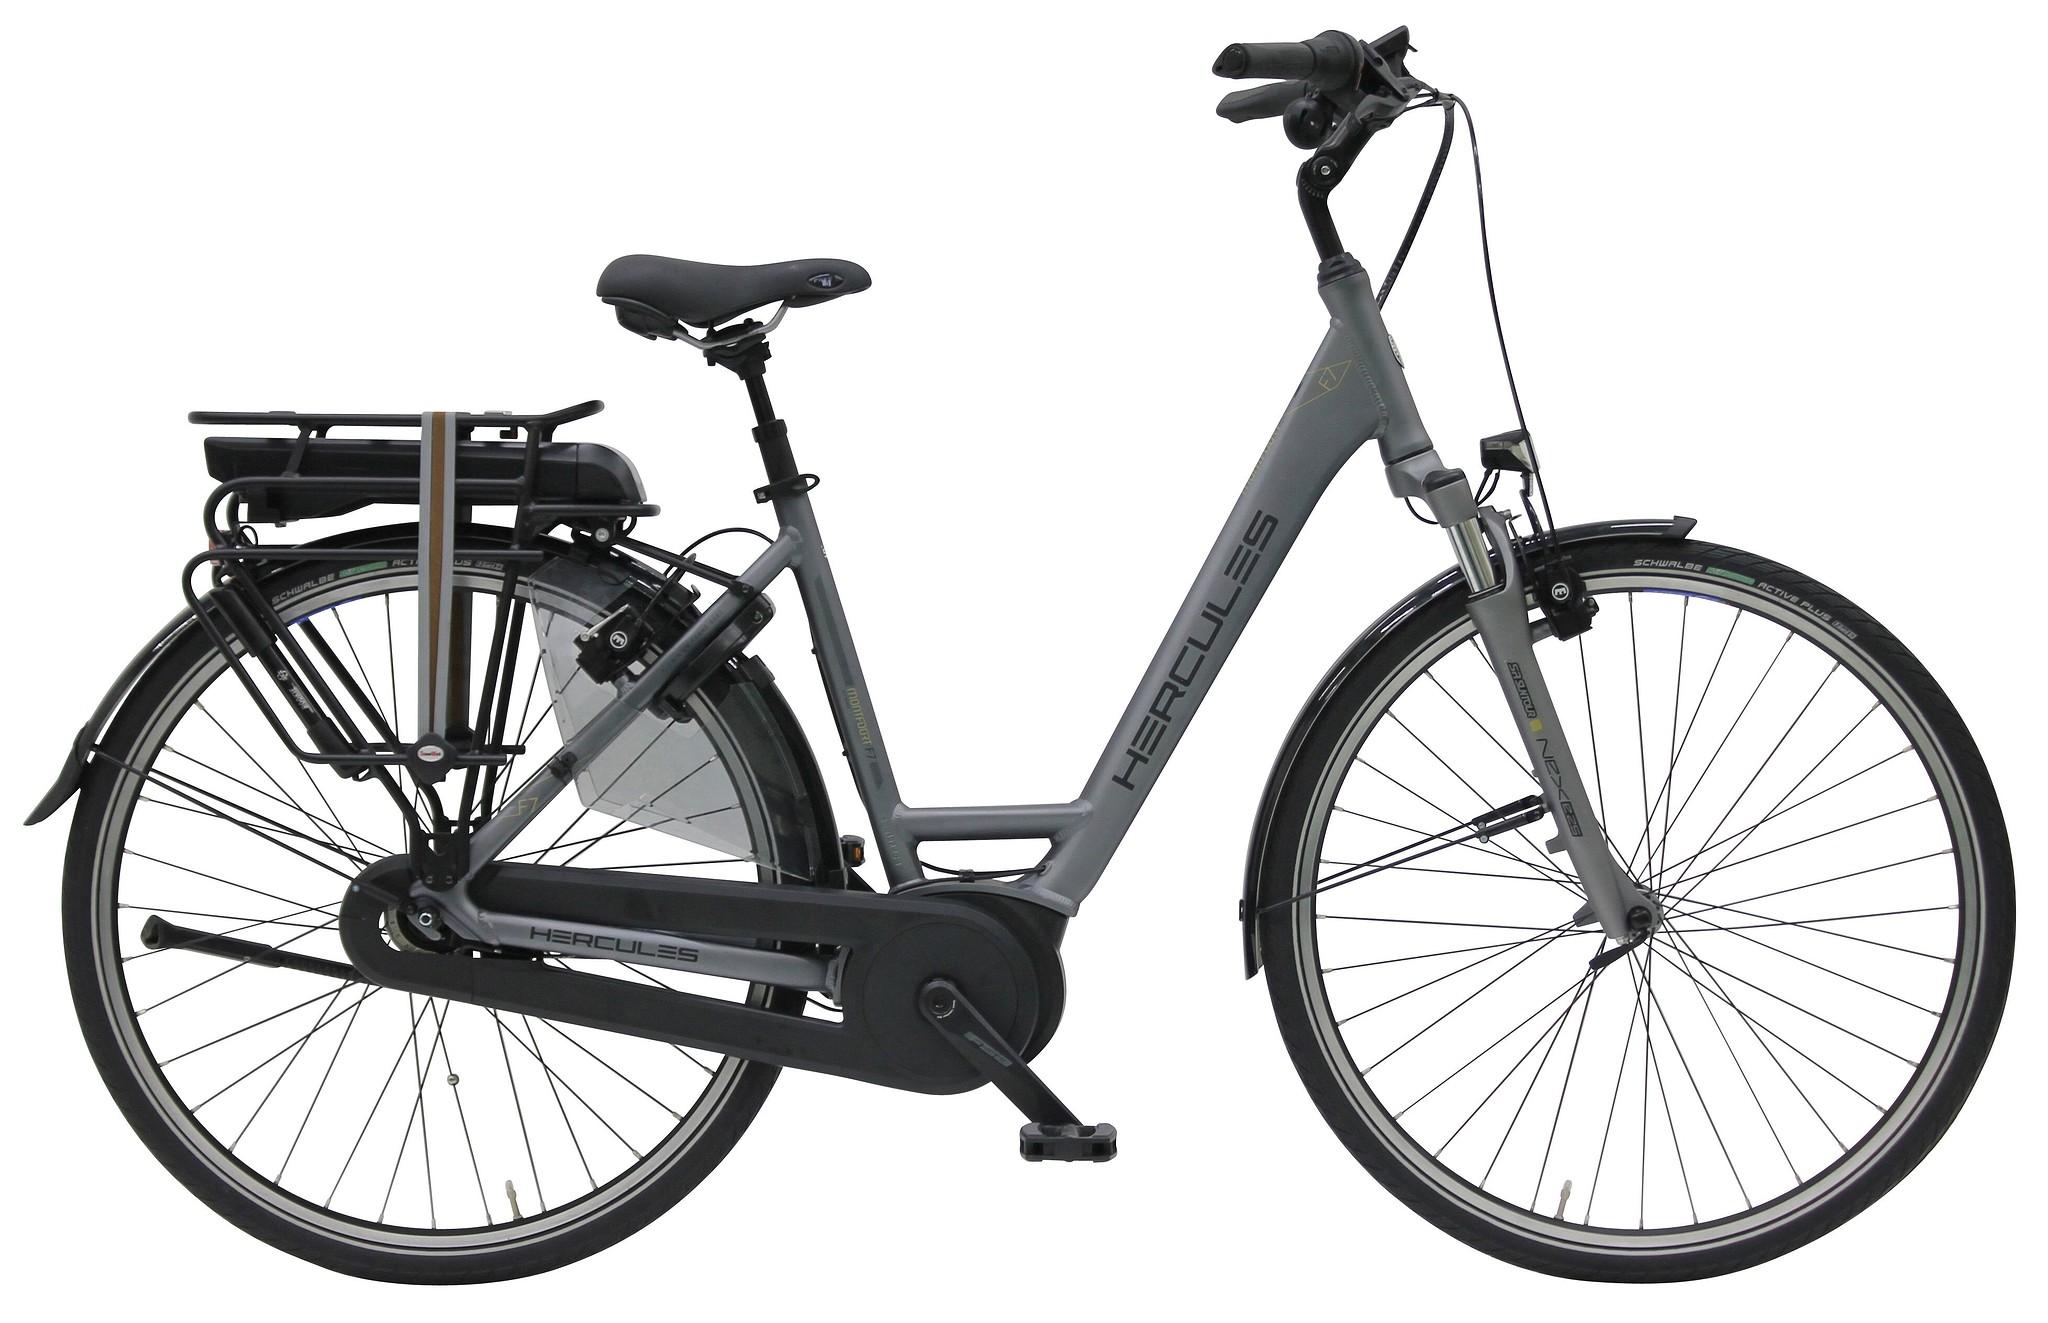 Hercules Elektrische fiets Montfoort dames mat antraciet 50cm 400 Watt Grijs